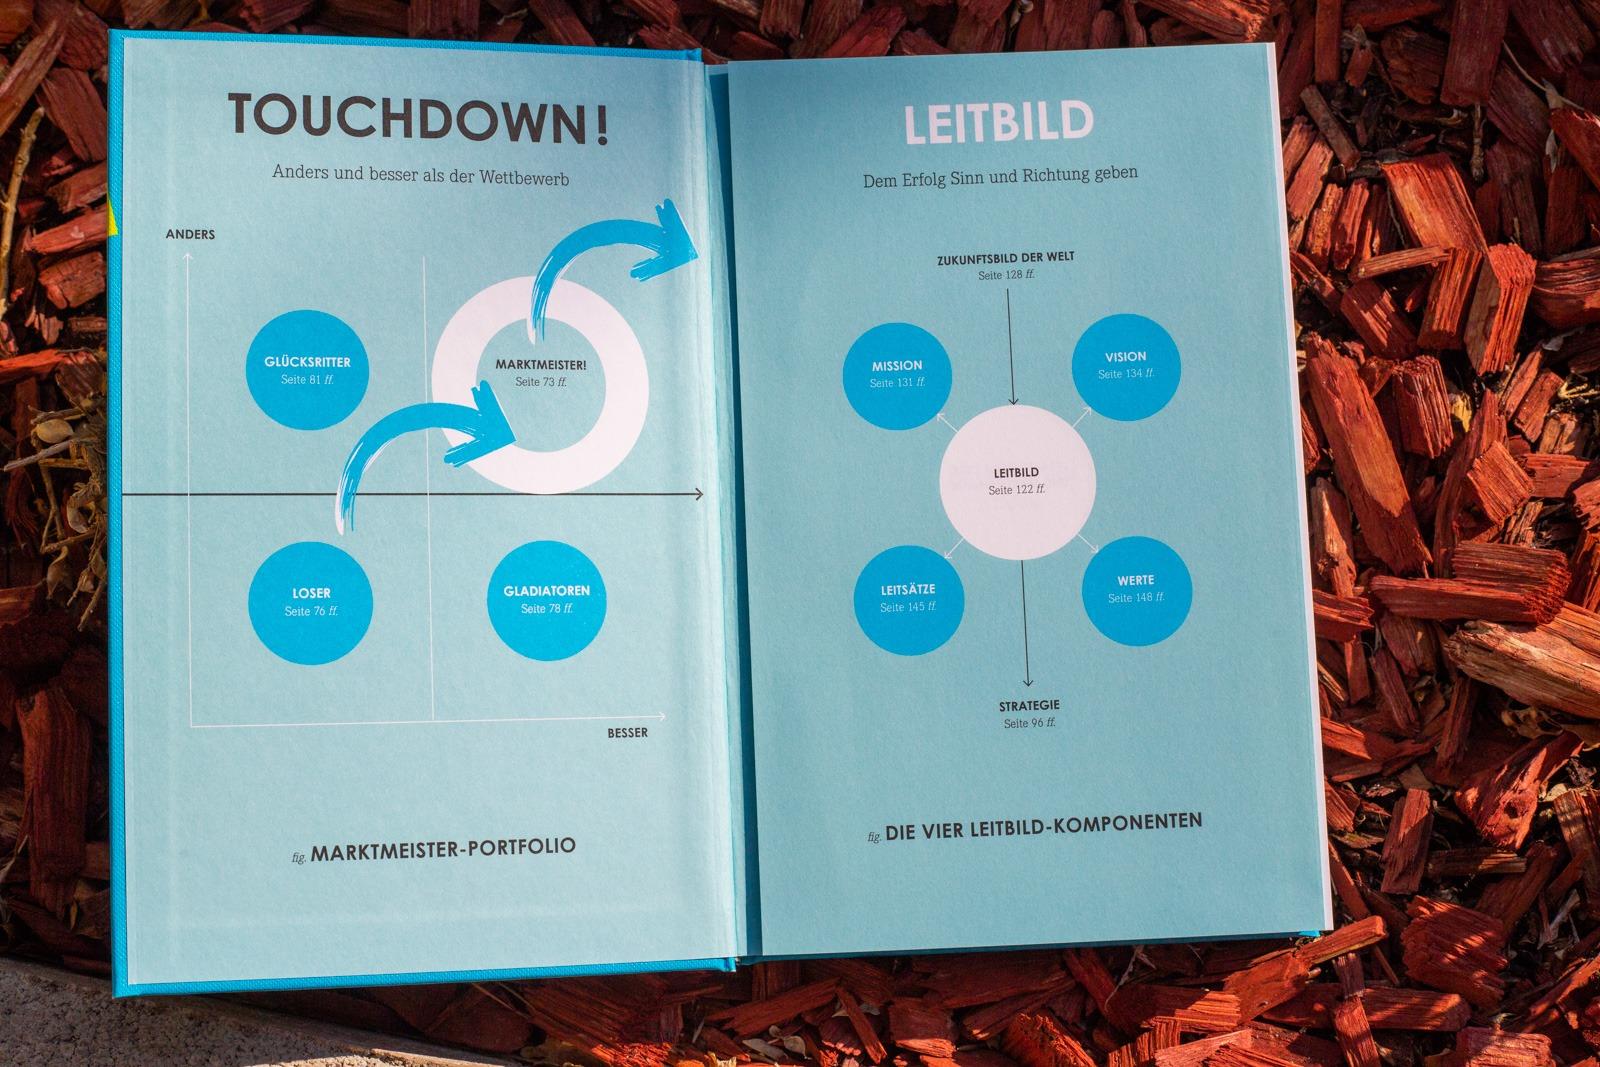 Touchdown - Oliver Greiner - geniales, visuelles Inhaltsverzeichnis